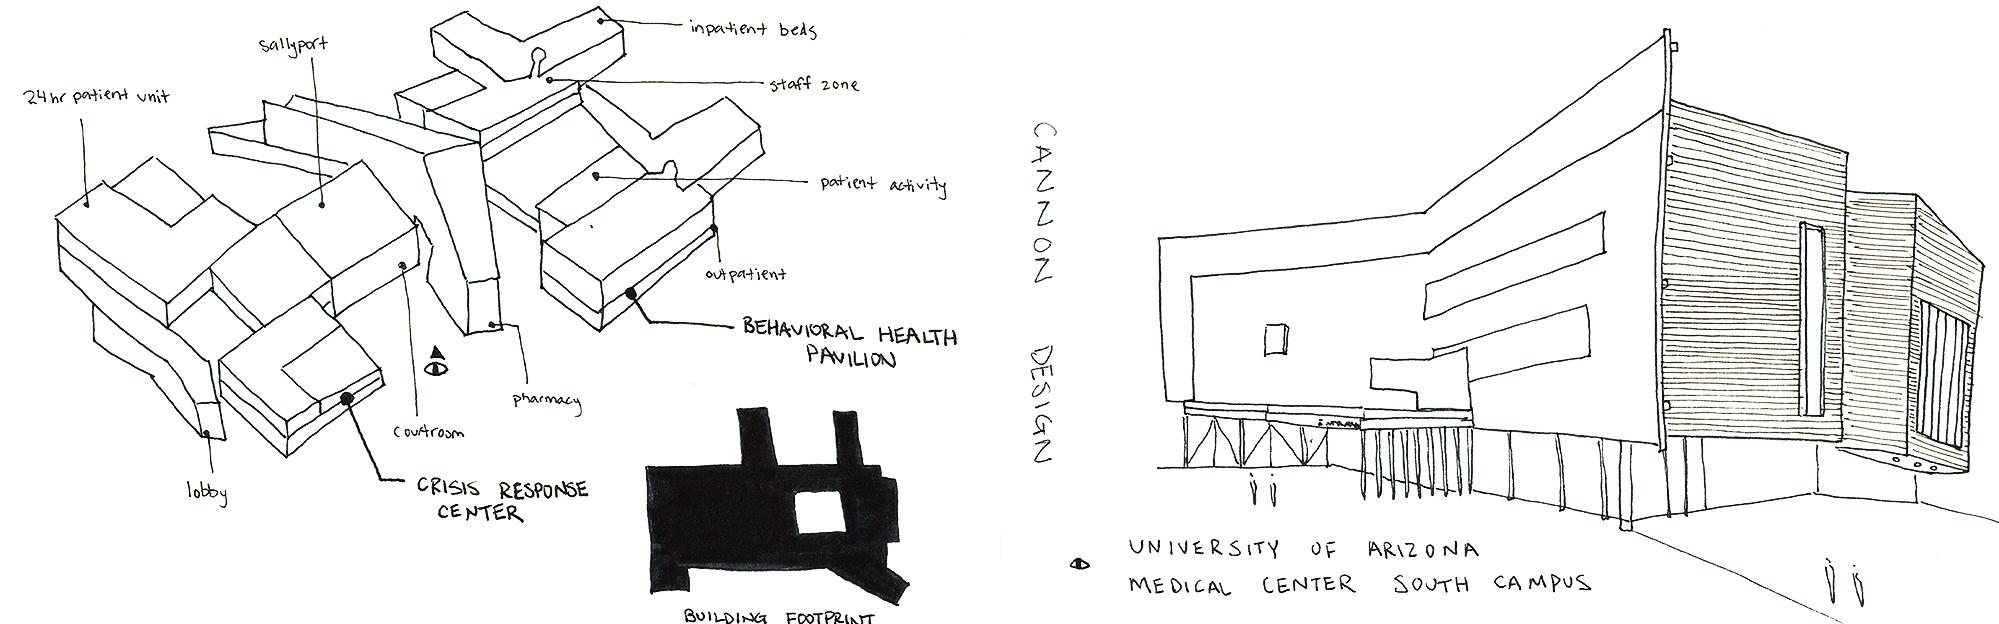 Sahakian_Cannon Design Sketch